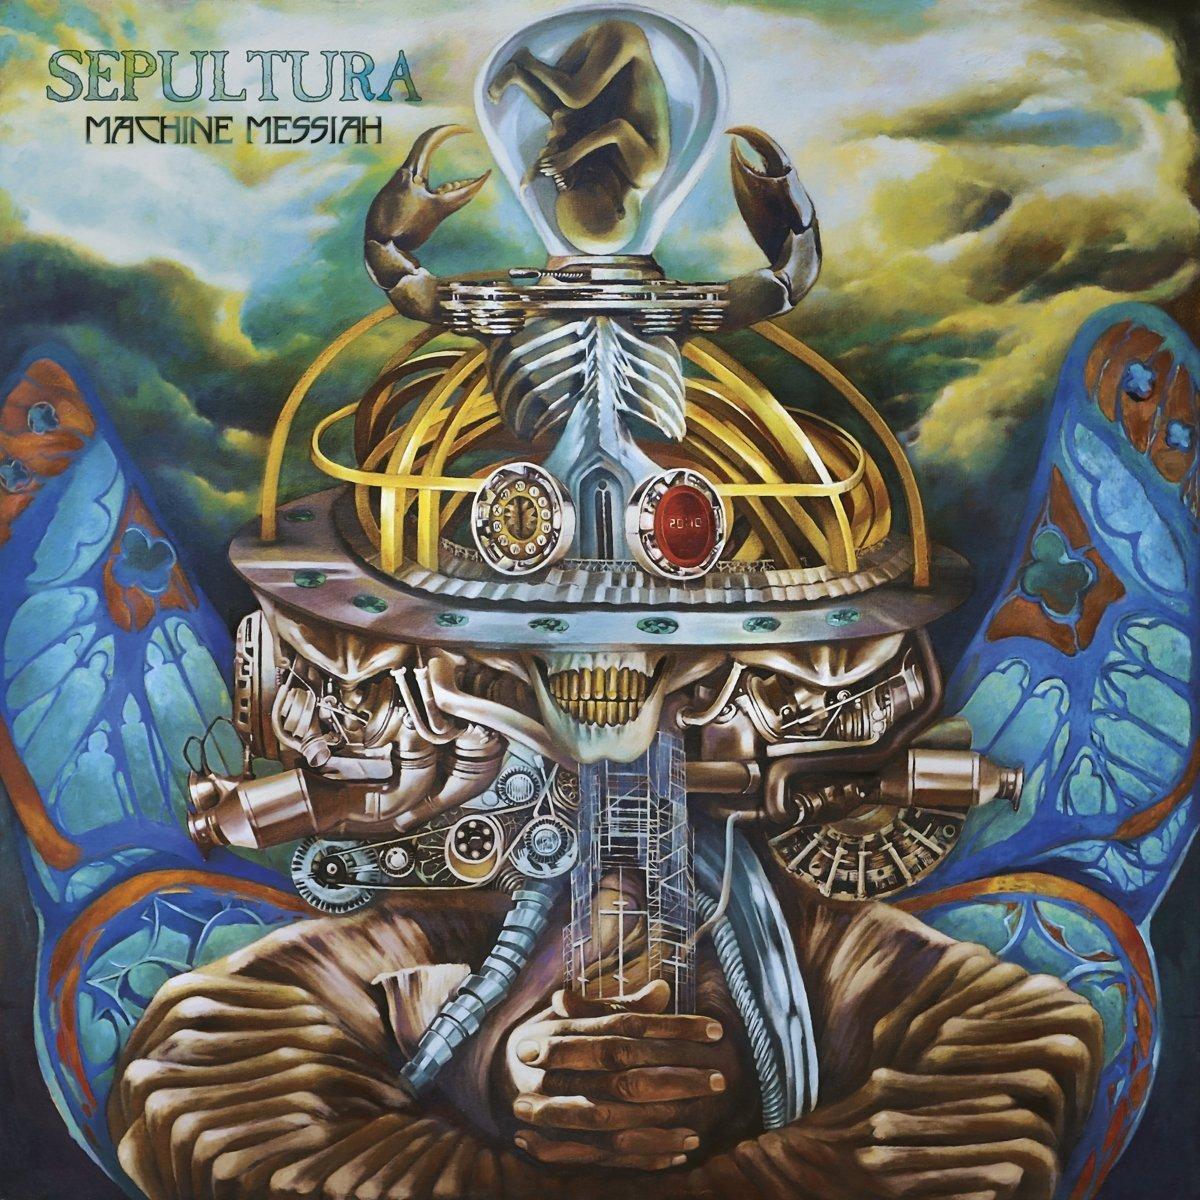 Sepultura - Machine Messiah (Január 13.)<br /><br />Most komolyan? Hogy a francba ne lehetne várni egy új Sepu albumot? Lehet, hogy kicsit másabb a stílus, mint a már két évtizede véget ért Cavalera-erának, de be kell vallanunk, hogy Andreasék azóta sem felejtettek el zenélni. Ráadásul az előzetesek alapján az utóbbi idők egyik legjobb Sepultura-lemeze fog pénteken a boltokba kerülni.